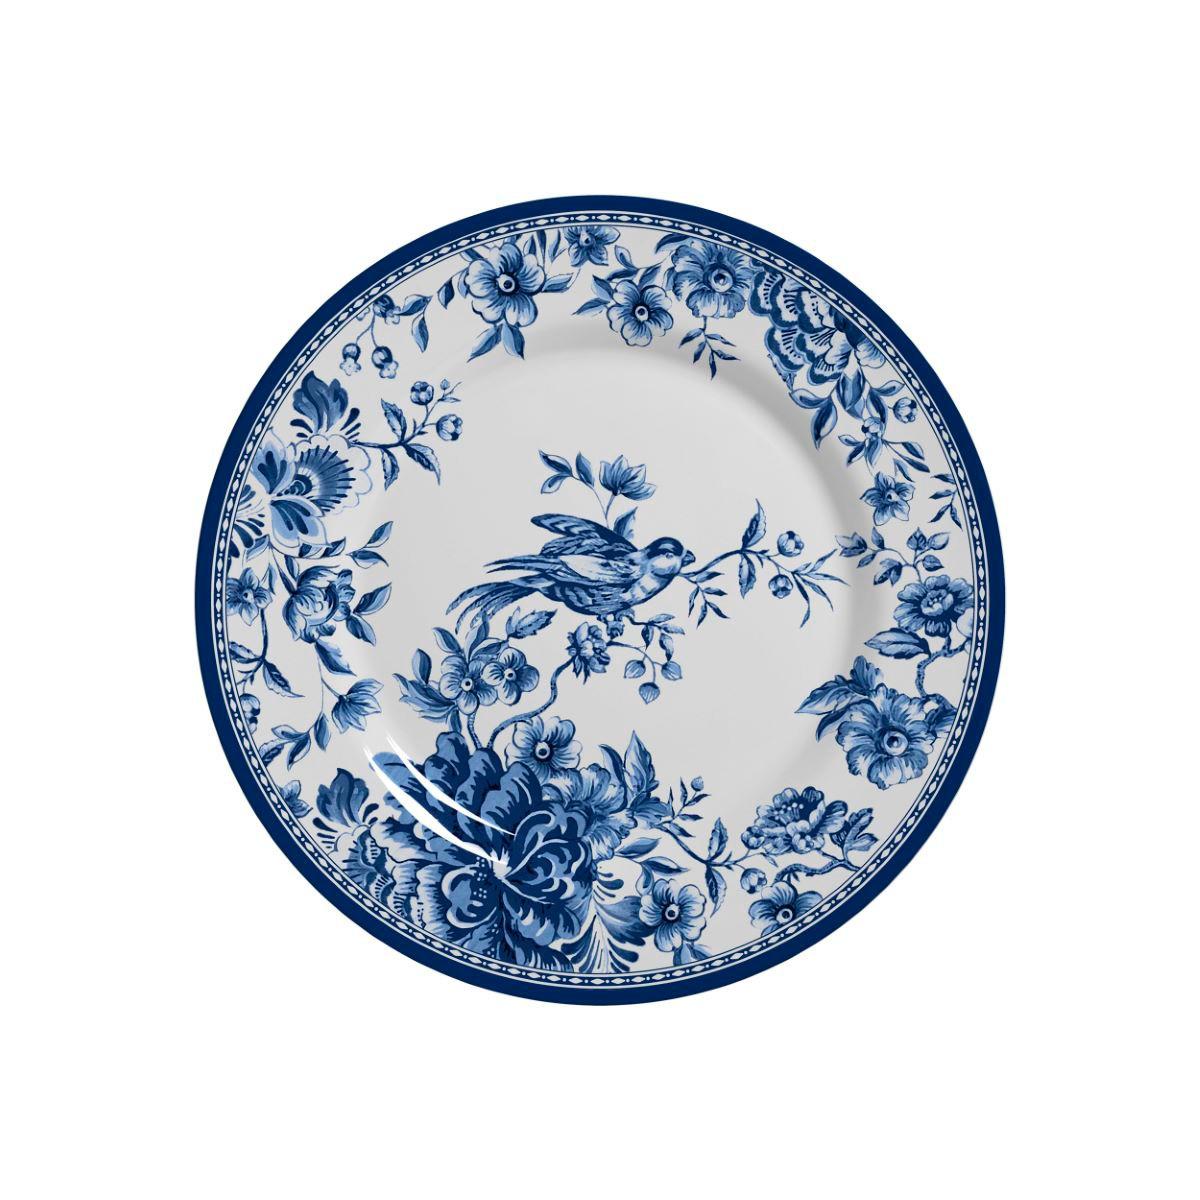 Prato Sobremesa Chinese Garden Cerâmica Alleanza - 6 Peças